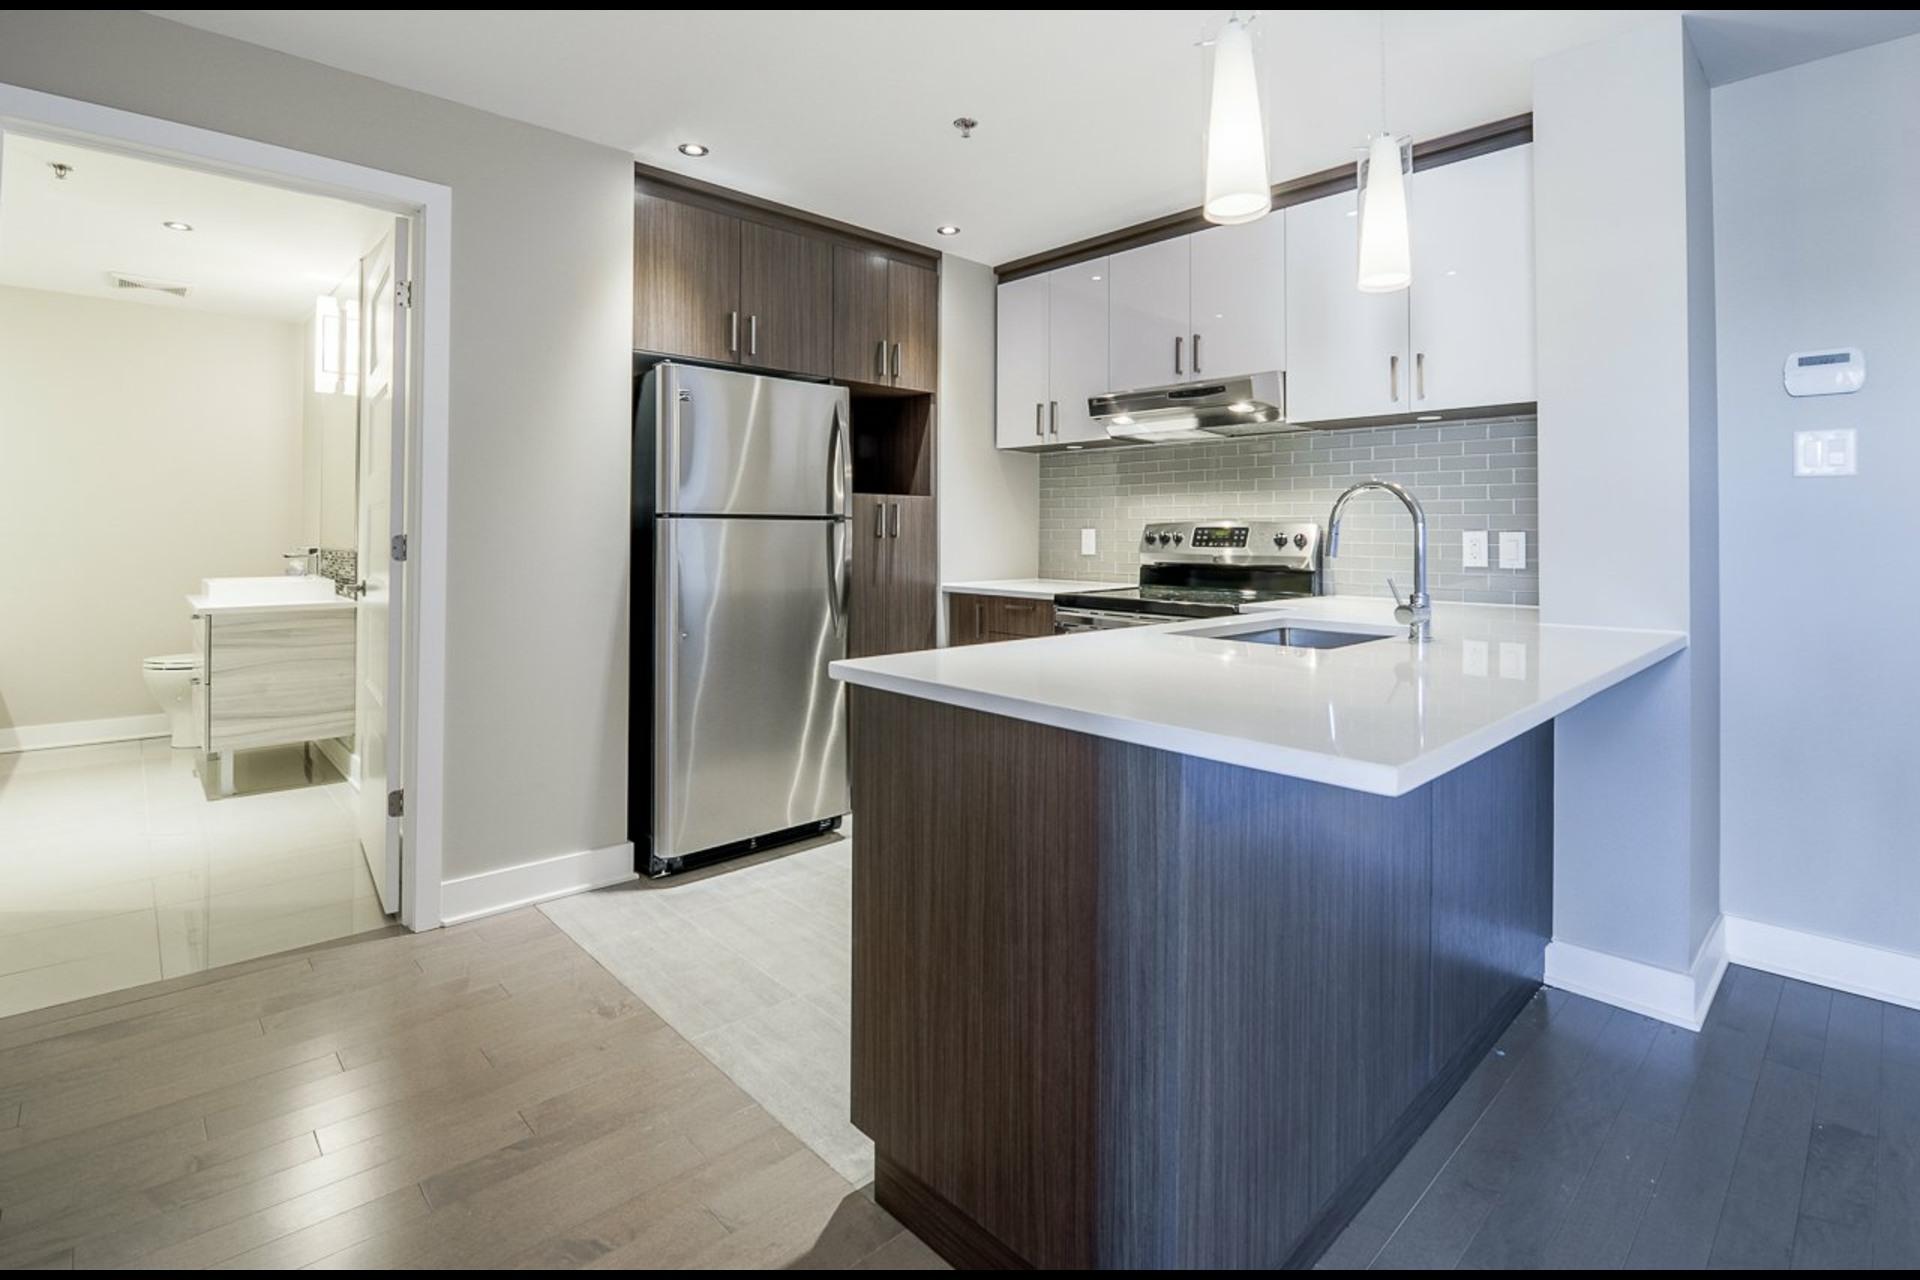 image 6 - Appartement À louer Montréal Rosemont/La Petite-Patrie  - 4 pièces